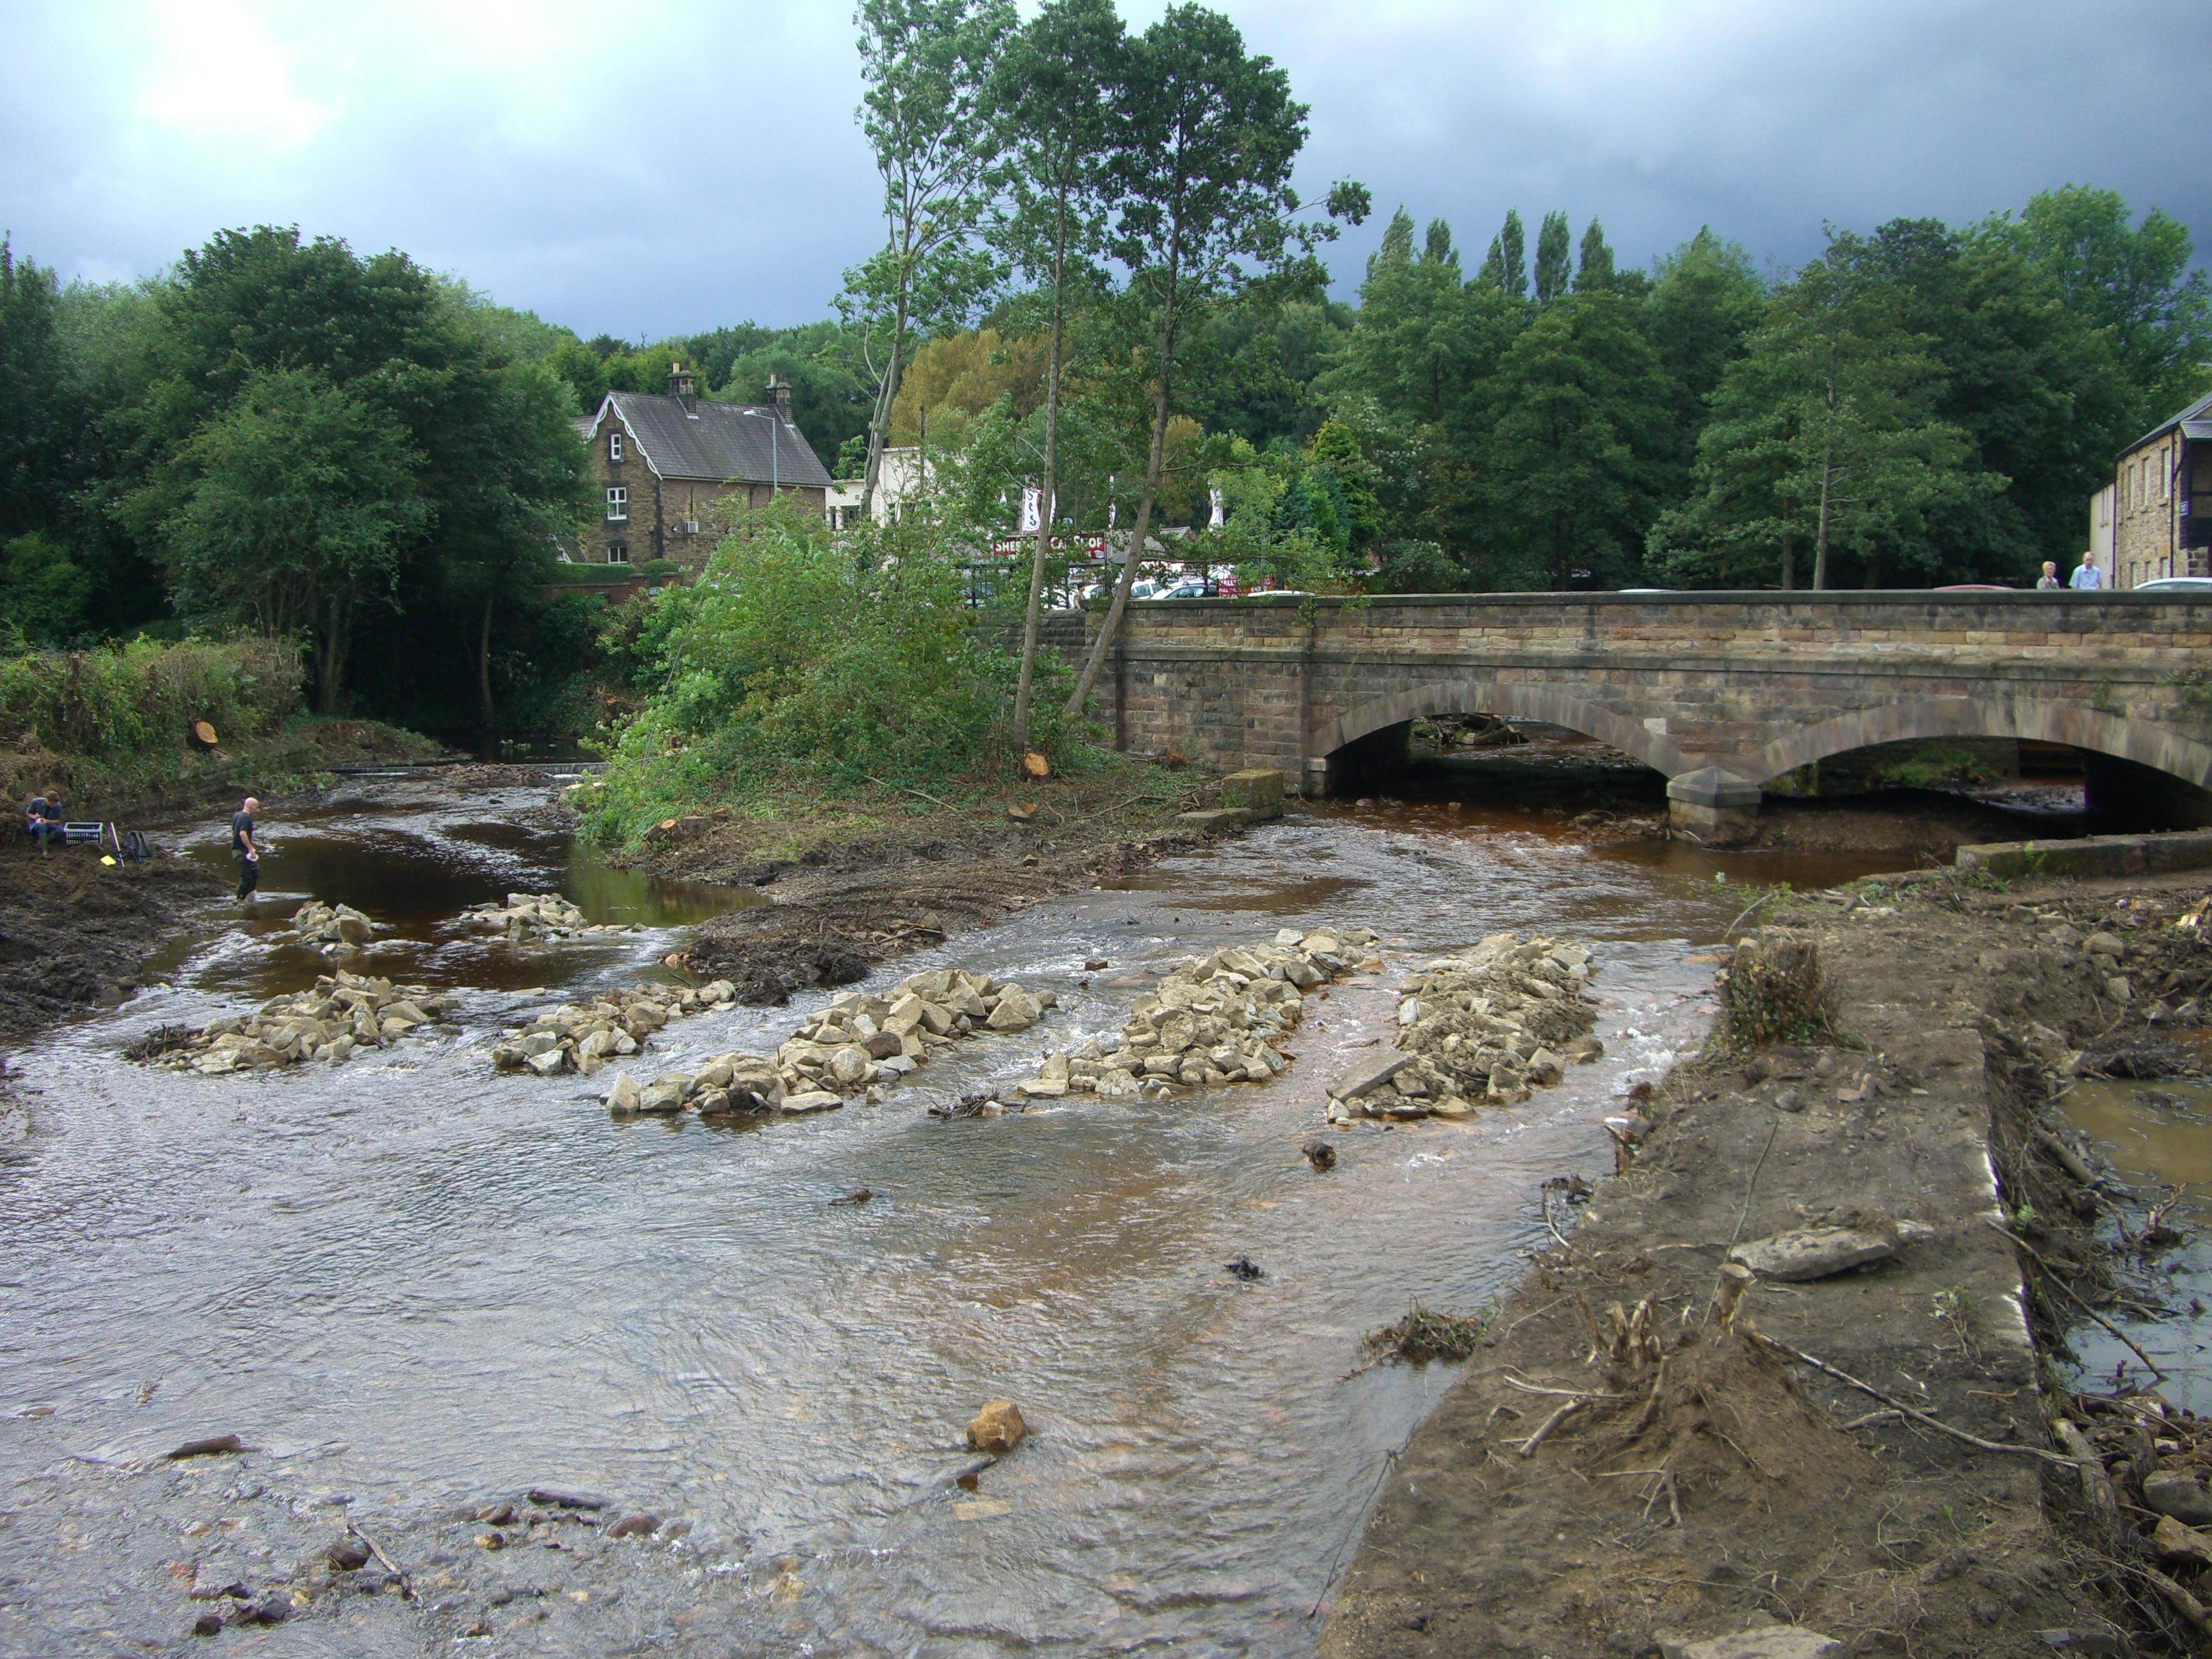 un-proiect-implementat-de-ministerul-mediului-va-ajuta-15-mil-locuitori-sa-previna-efectele-inundatiilor